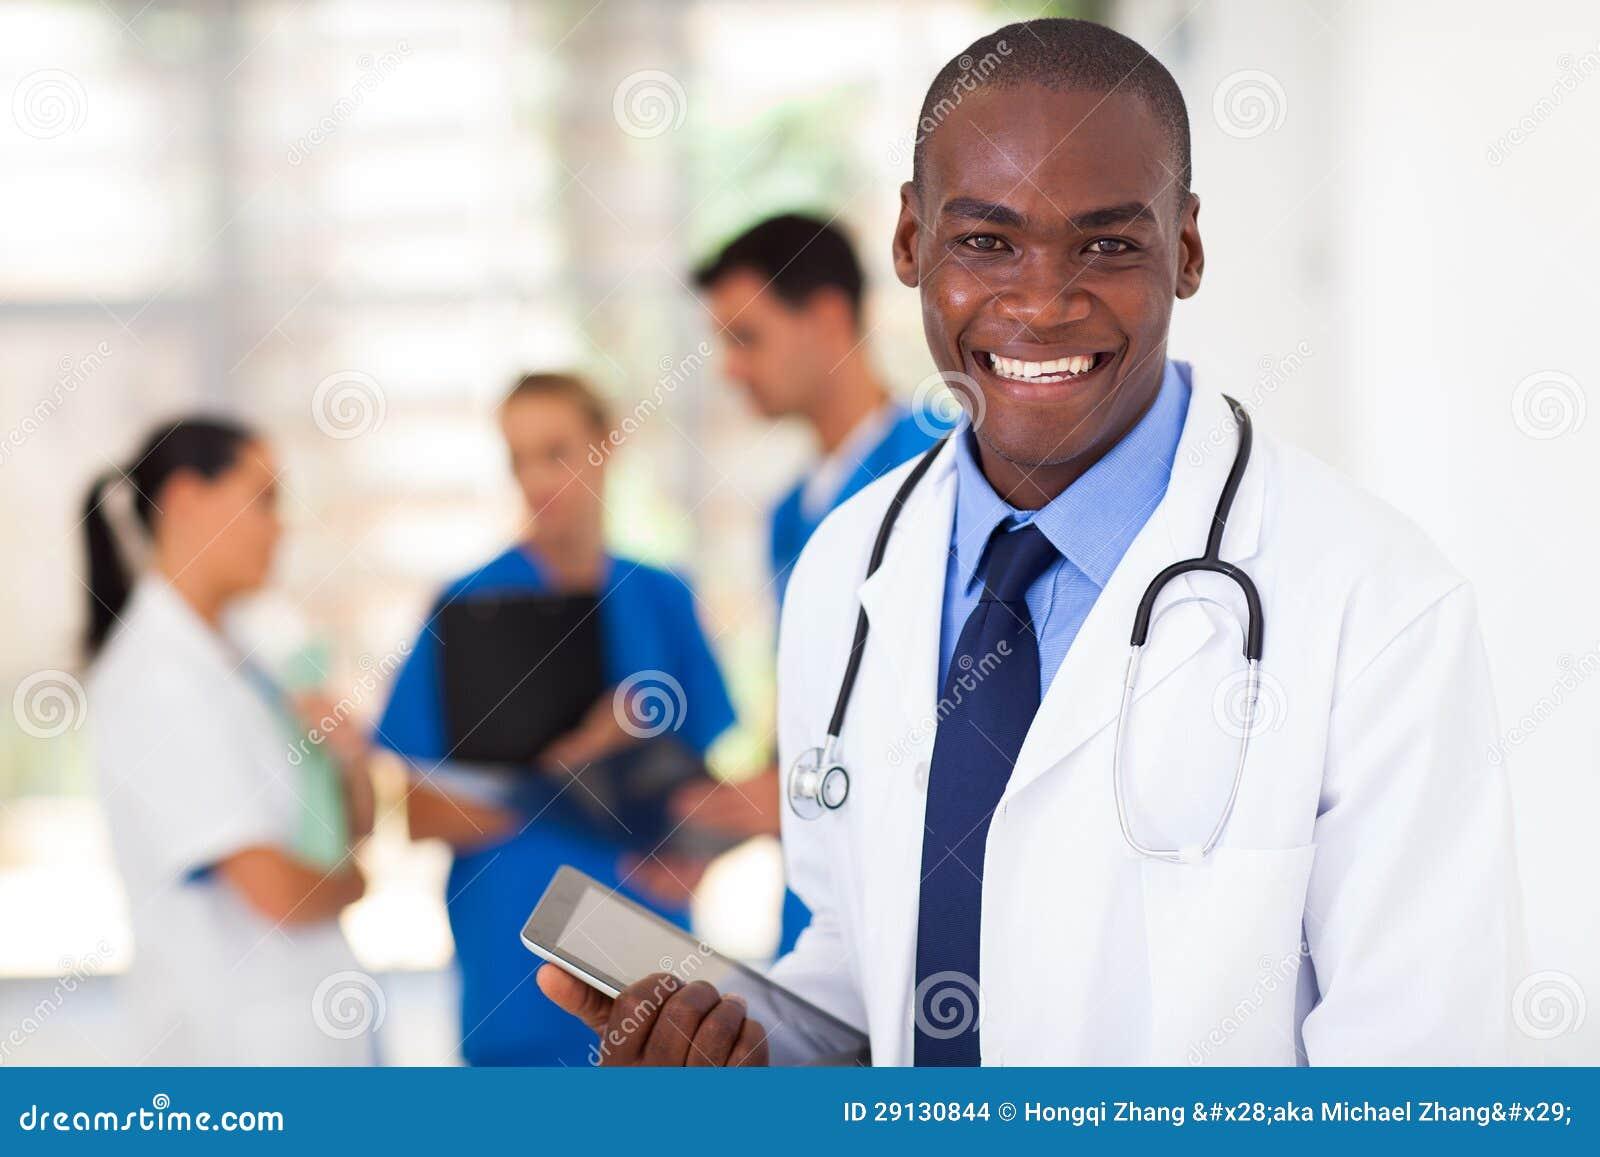 Μαύρος εργαζόμενος υγειονομικής περίθαλψης